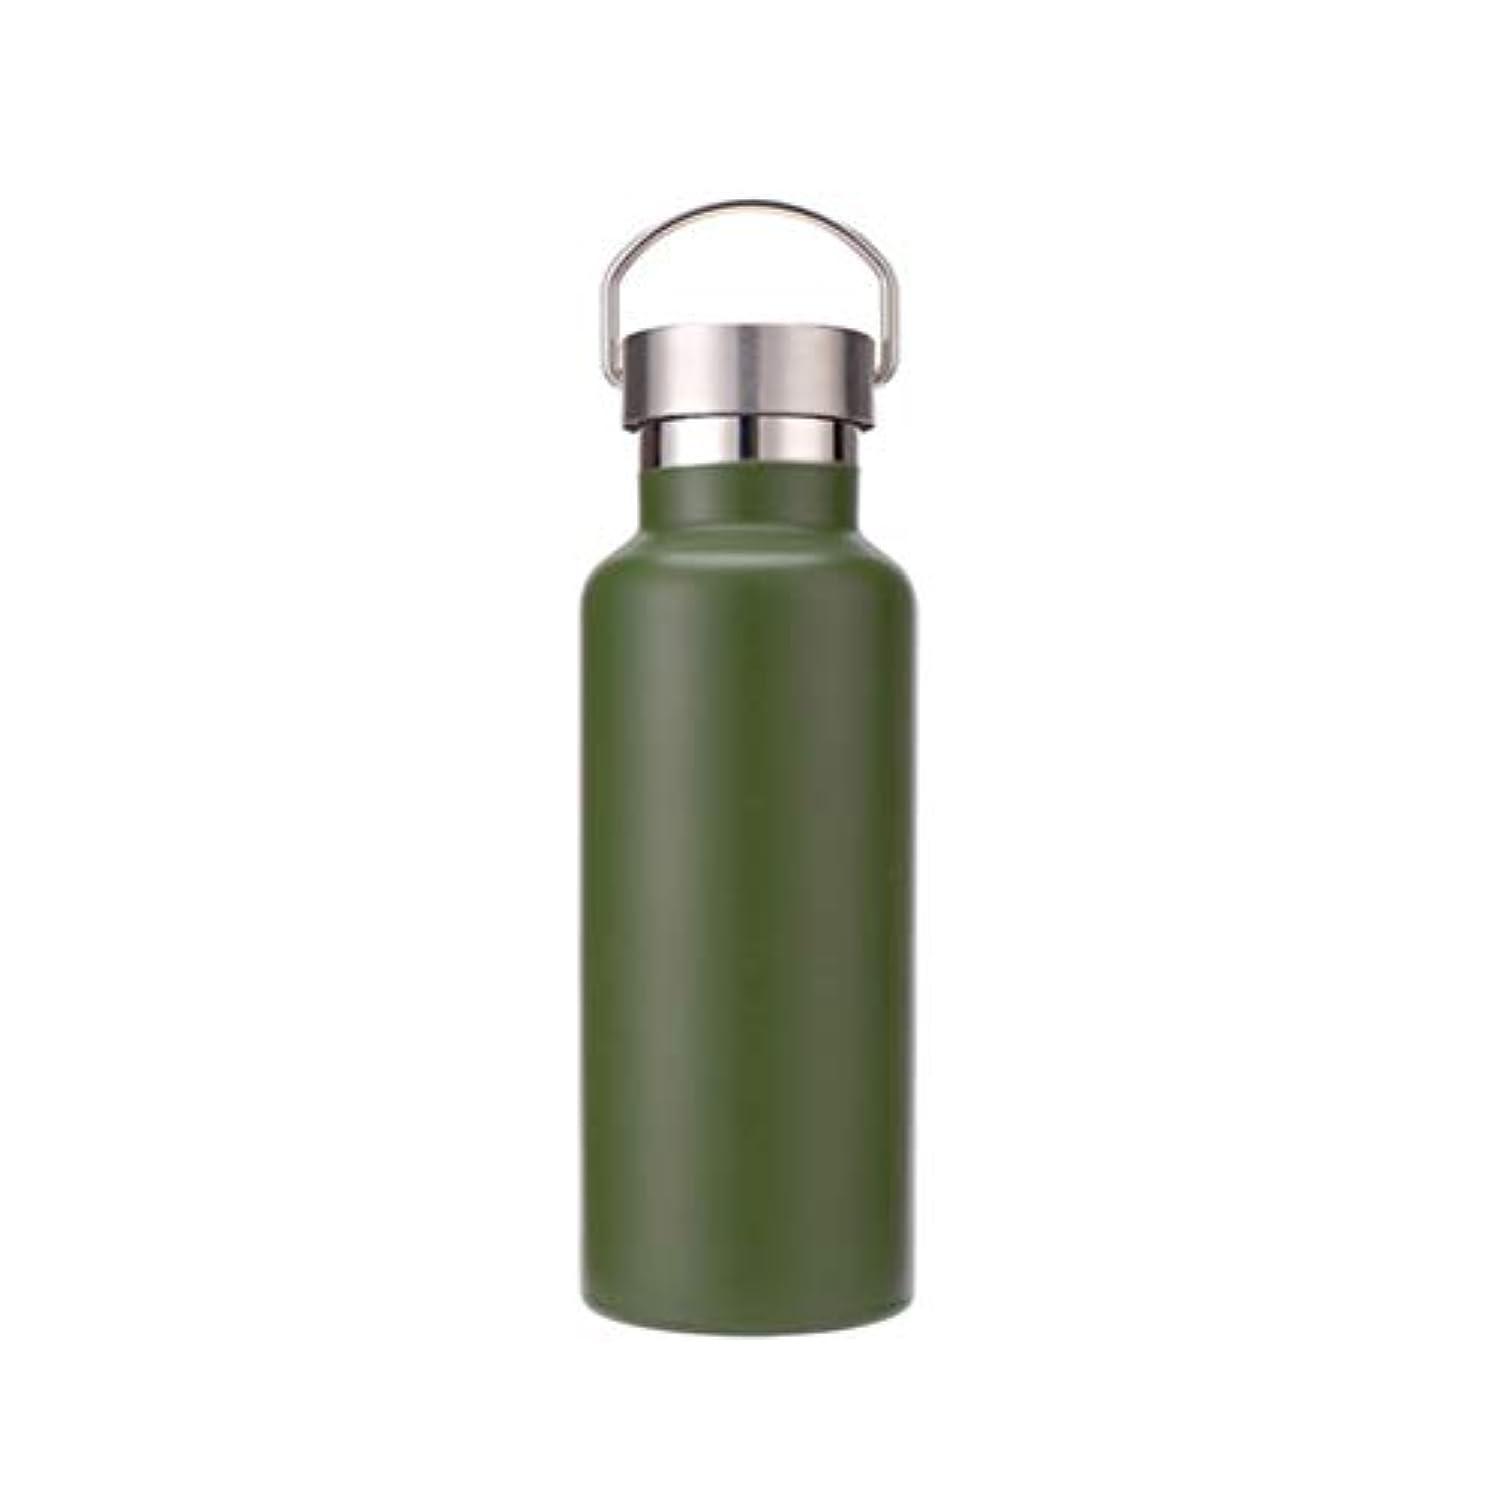 プラグアルバニー再開水筒 スポーツボトル ステンレス鋼 ダブル 保温マグ ダブルステンレスボトル 真空断熱 保温 保冷 ジャグ 2重 600ml